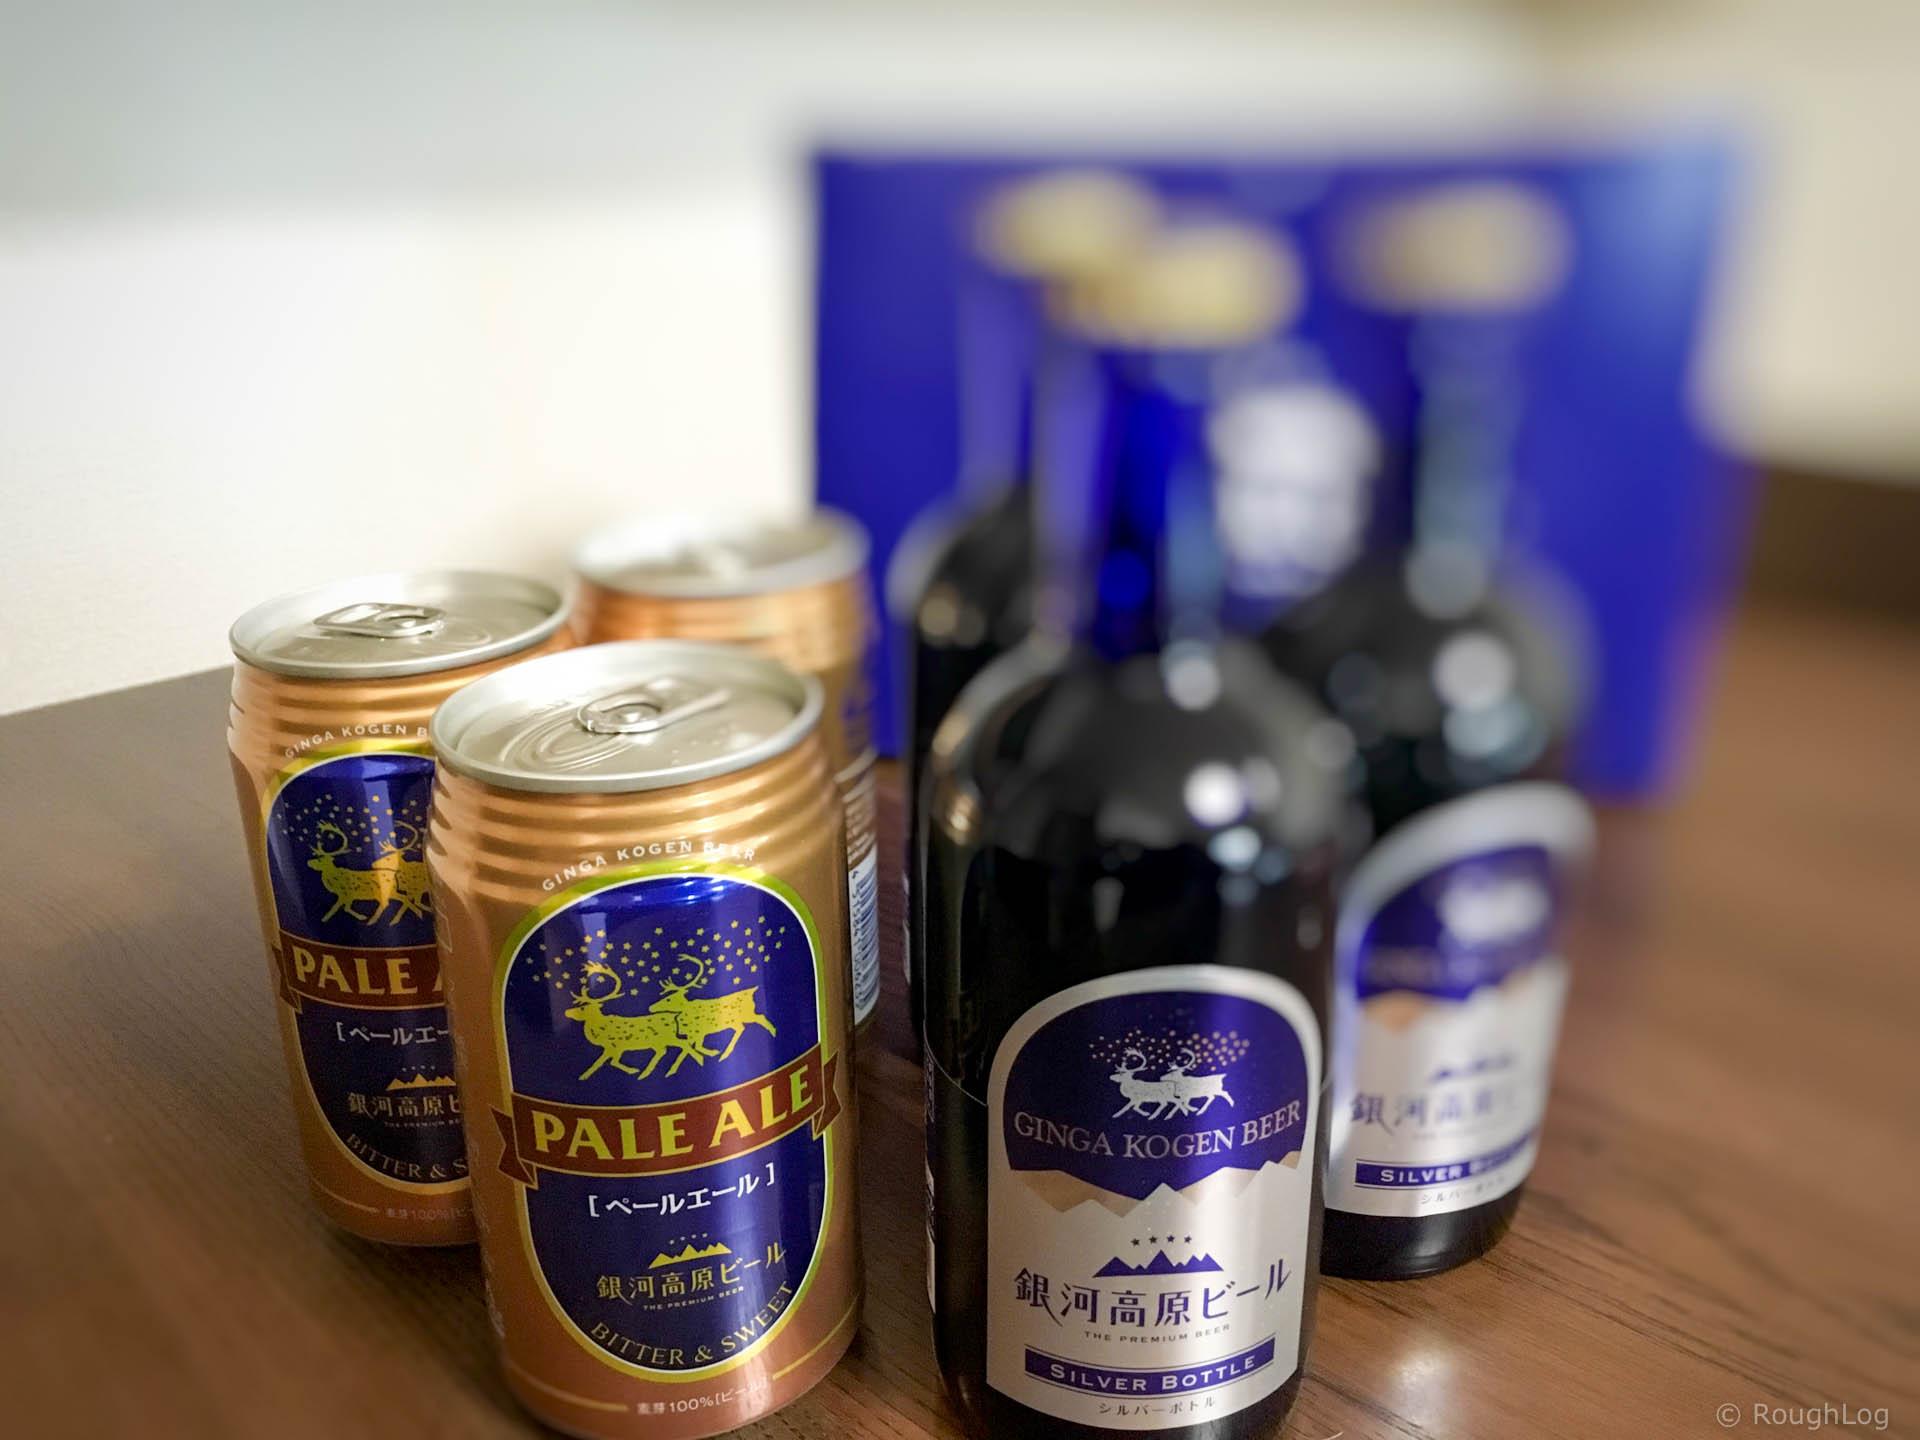 【ふるさと納税】銀河高原ビールの「小麦のビール」と「ペールエール」のセットを頂く|岩手県和賀郡西和賀町